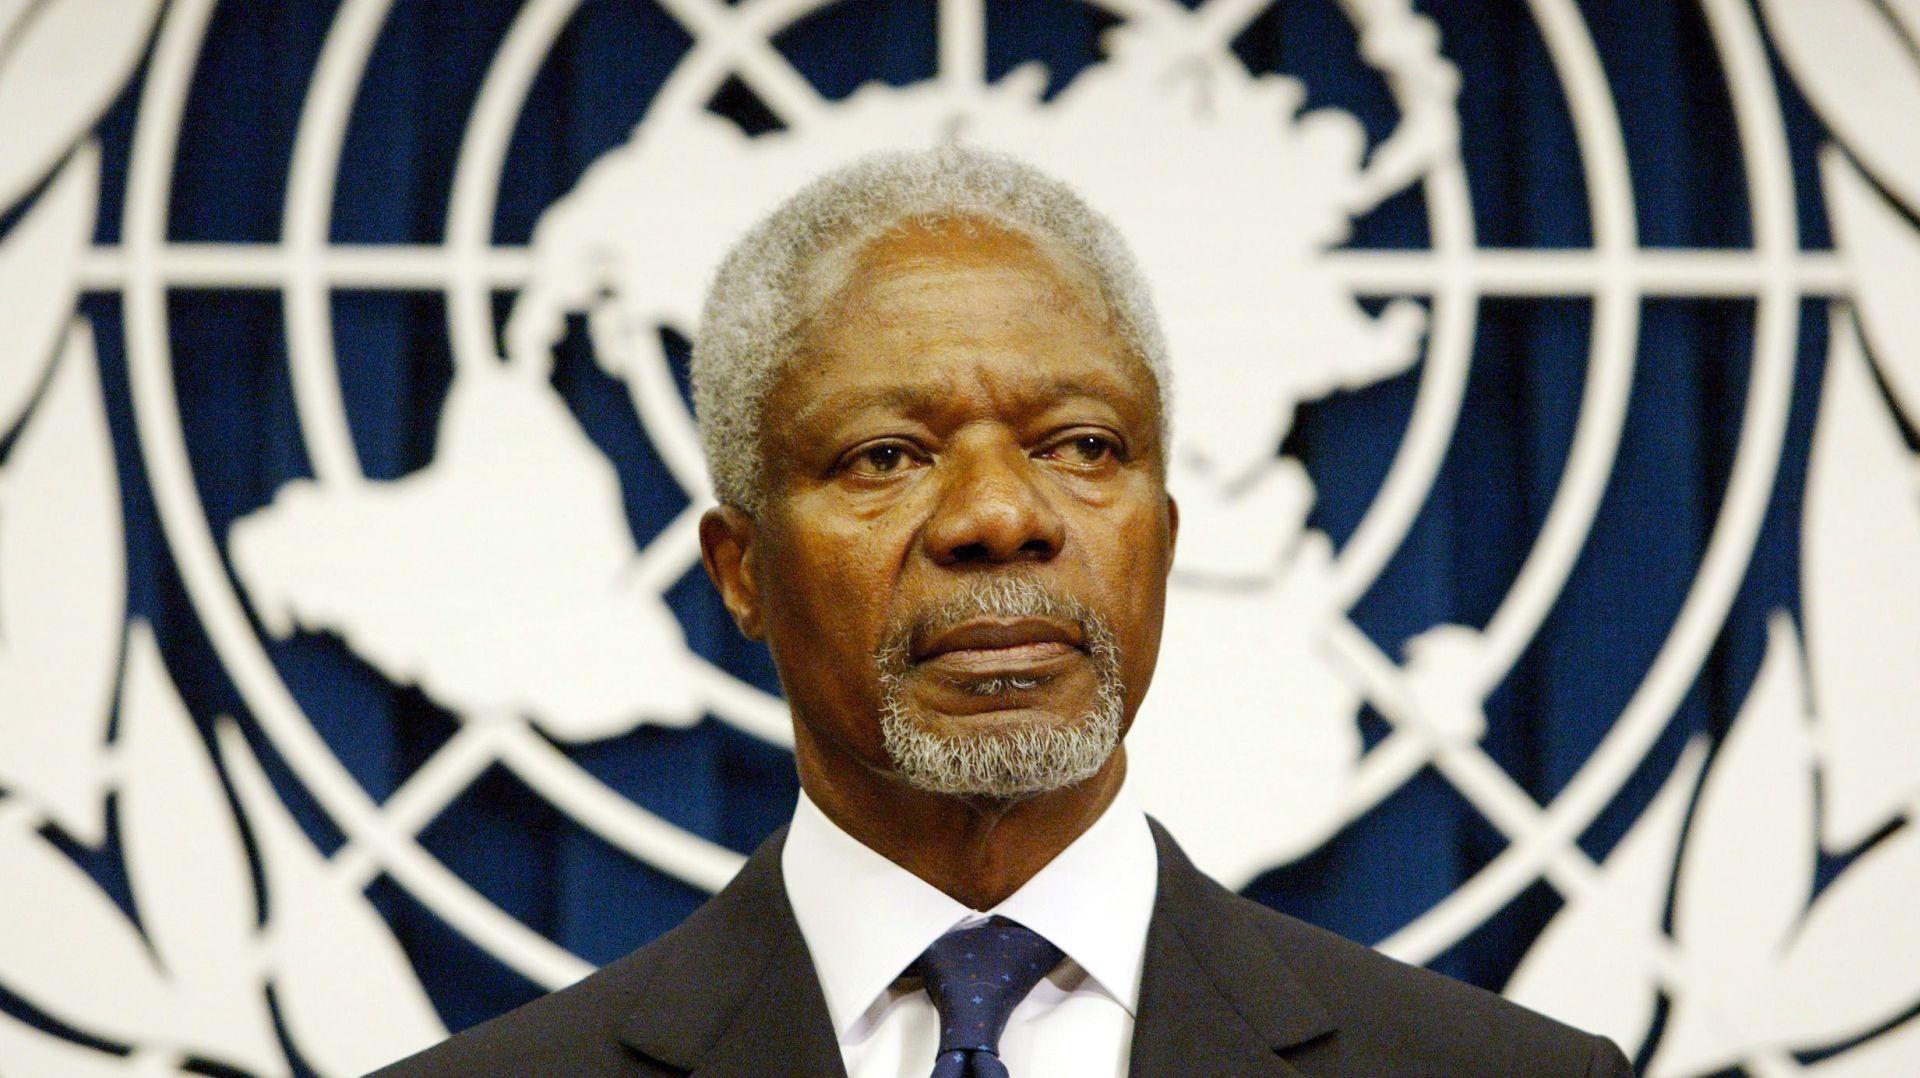 Preminuo bivši glavni tajnik UN-a Kofi Annan